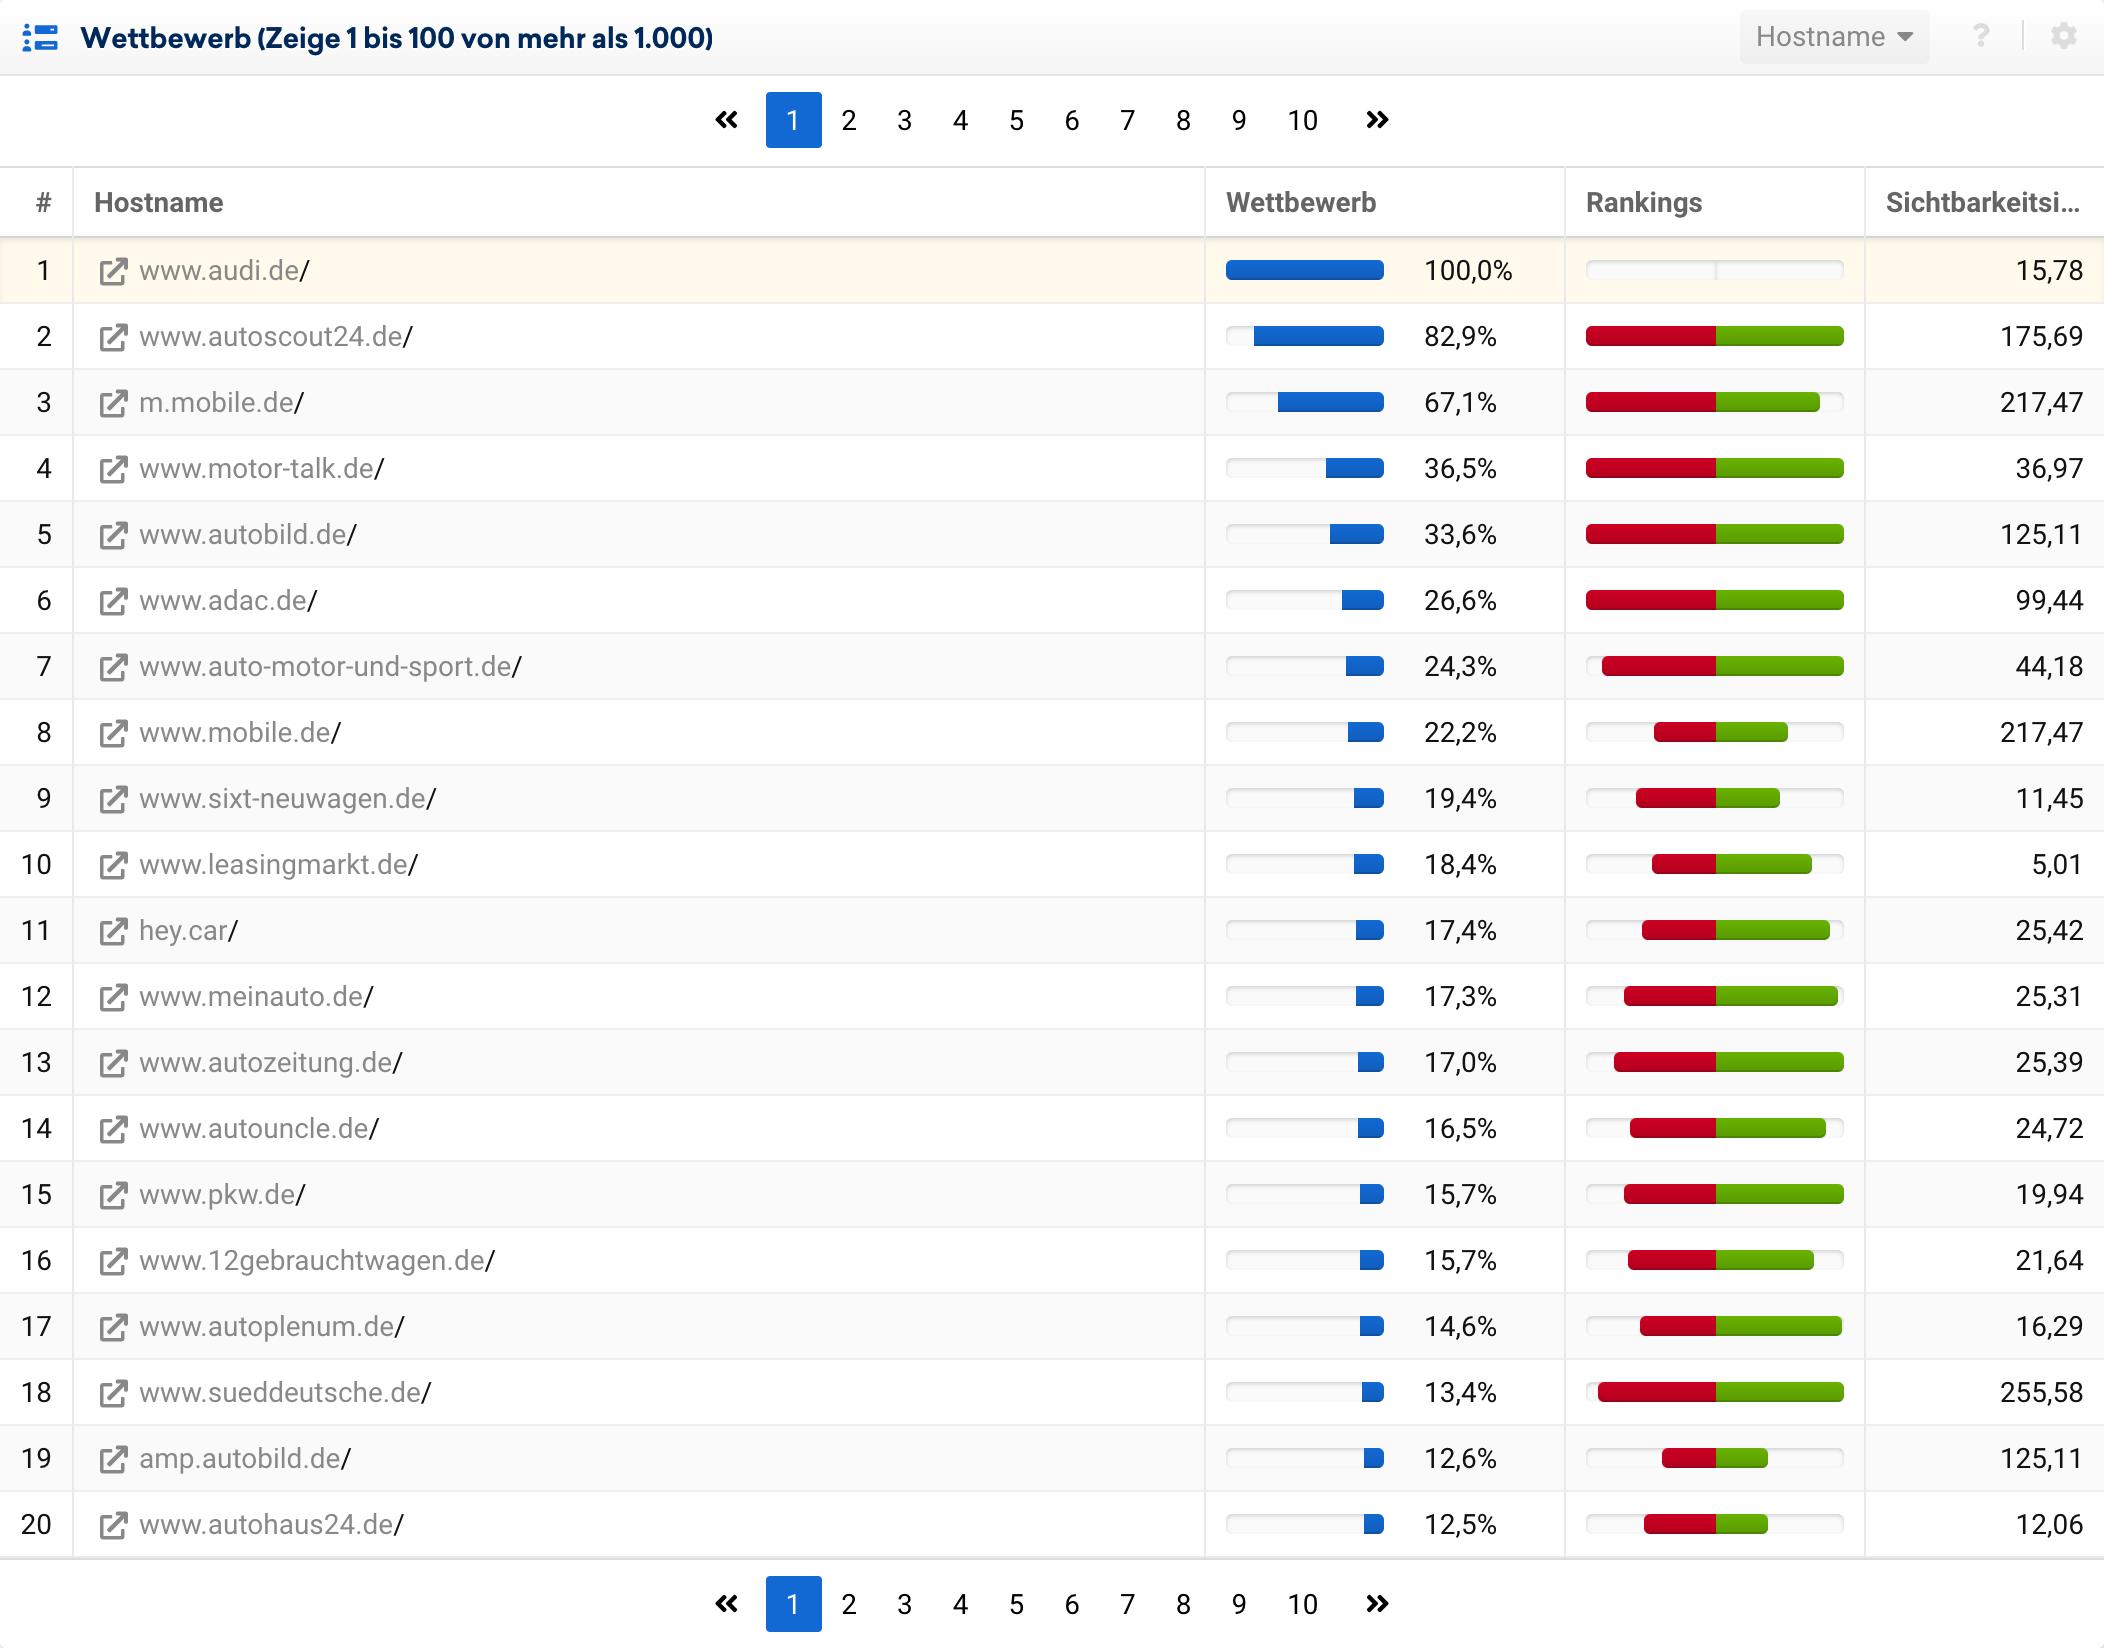 Wettbewerbs-Auswertung in der SISTRIX Toolbox für die Domain audi.de. In den Top-20 Wettbewerbern finden sich keine direkten Autohersteller.